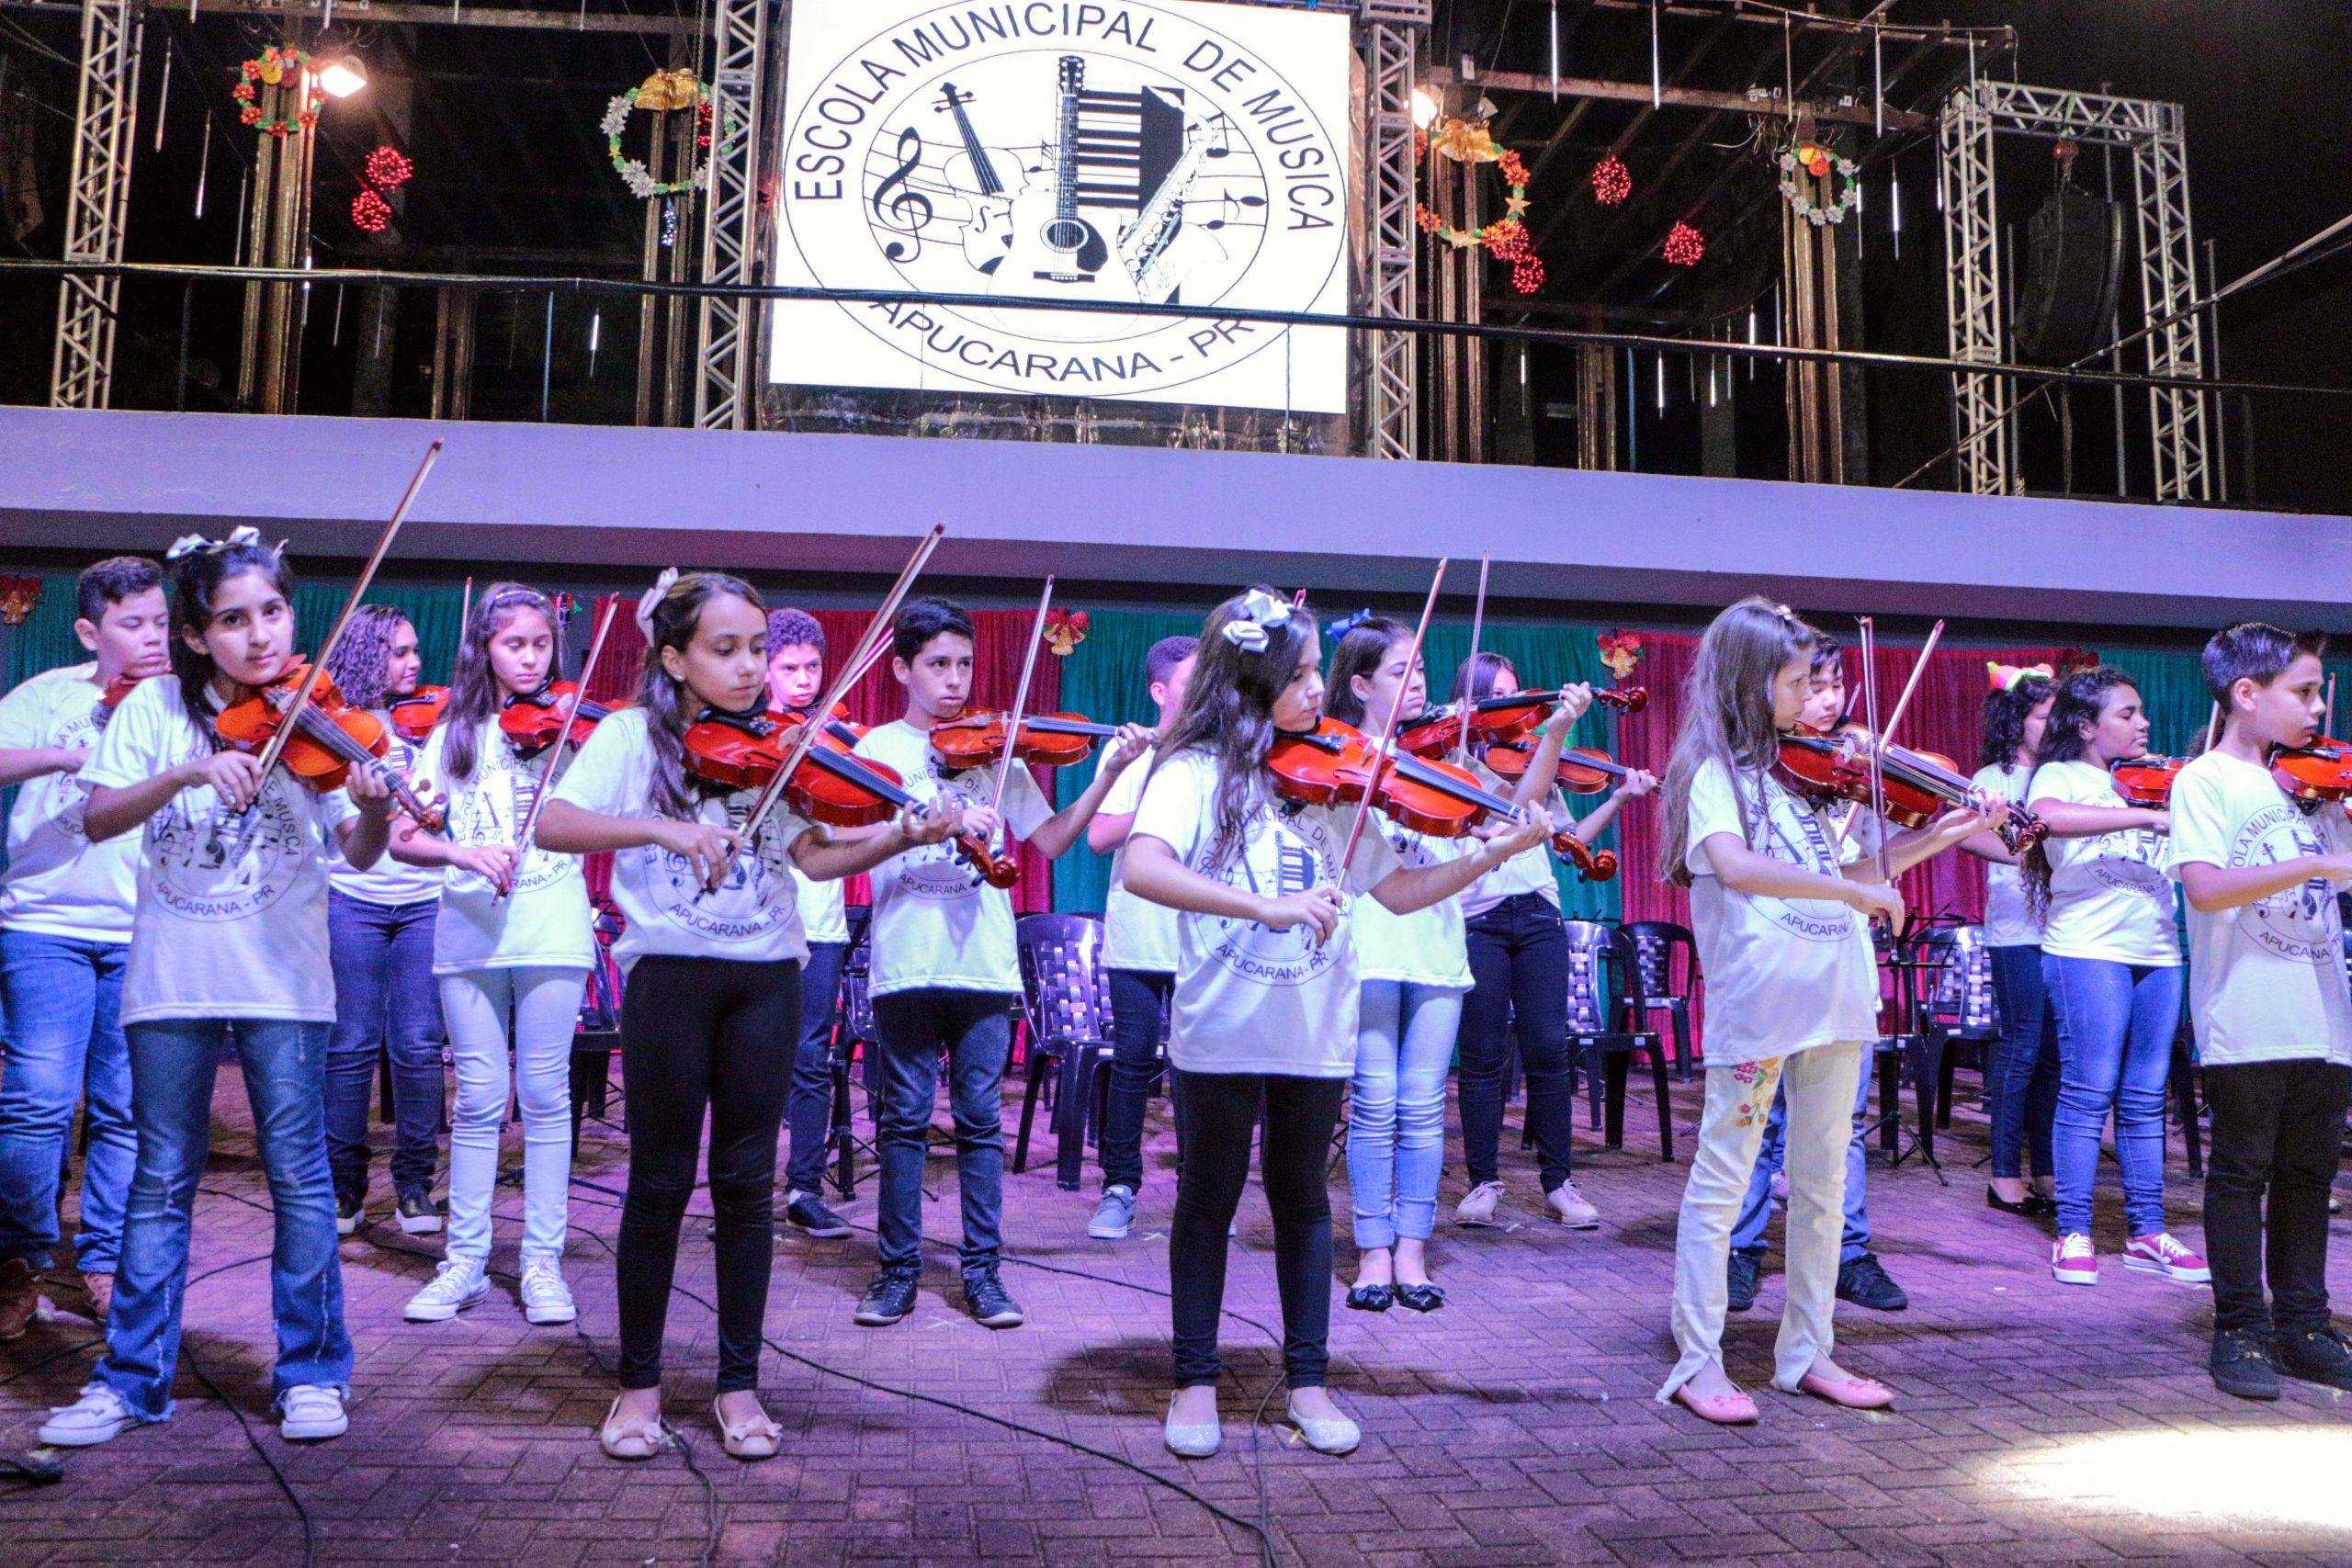 A Escola Municipal de Música acaba de garantir mais um lote de instrumentos. Foram adquiridos, com recursos do município de quase R$ 12 mil, 20 violões infantis, 10 violinos infantis e 3 violoncelos.